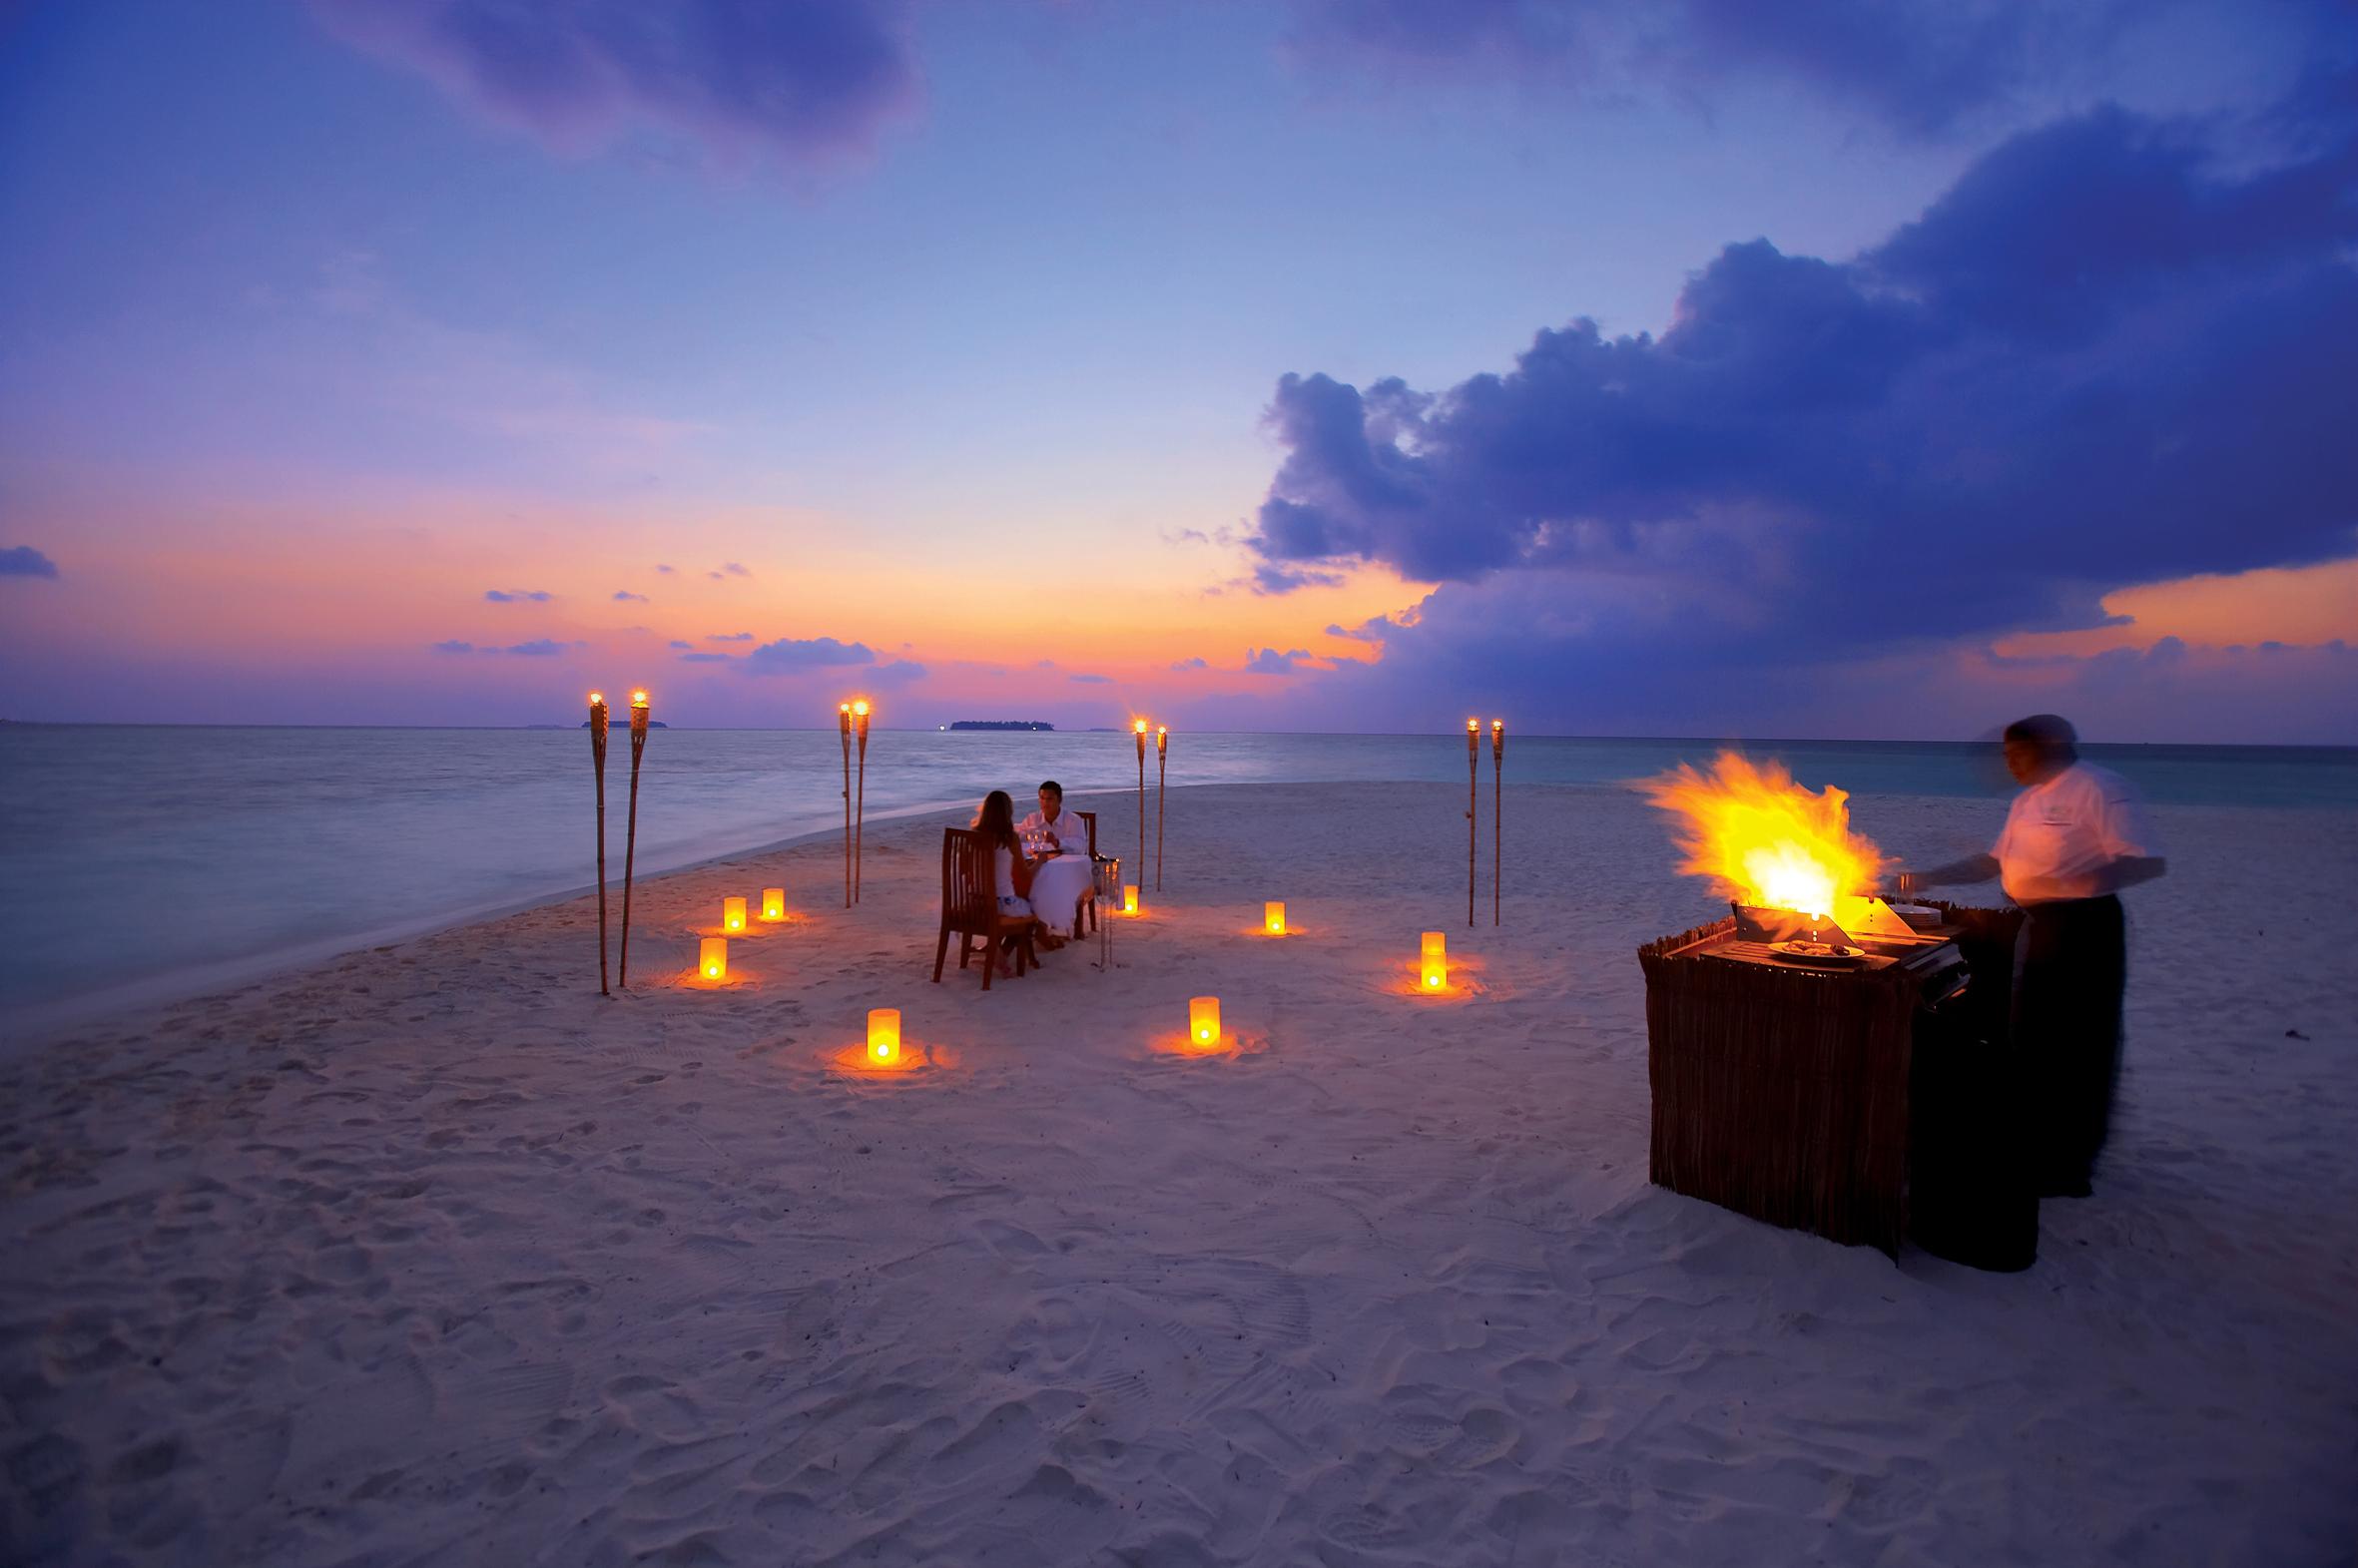 Dal giorno alla notte, la spiaggia è un luogo idilliaco